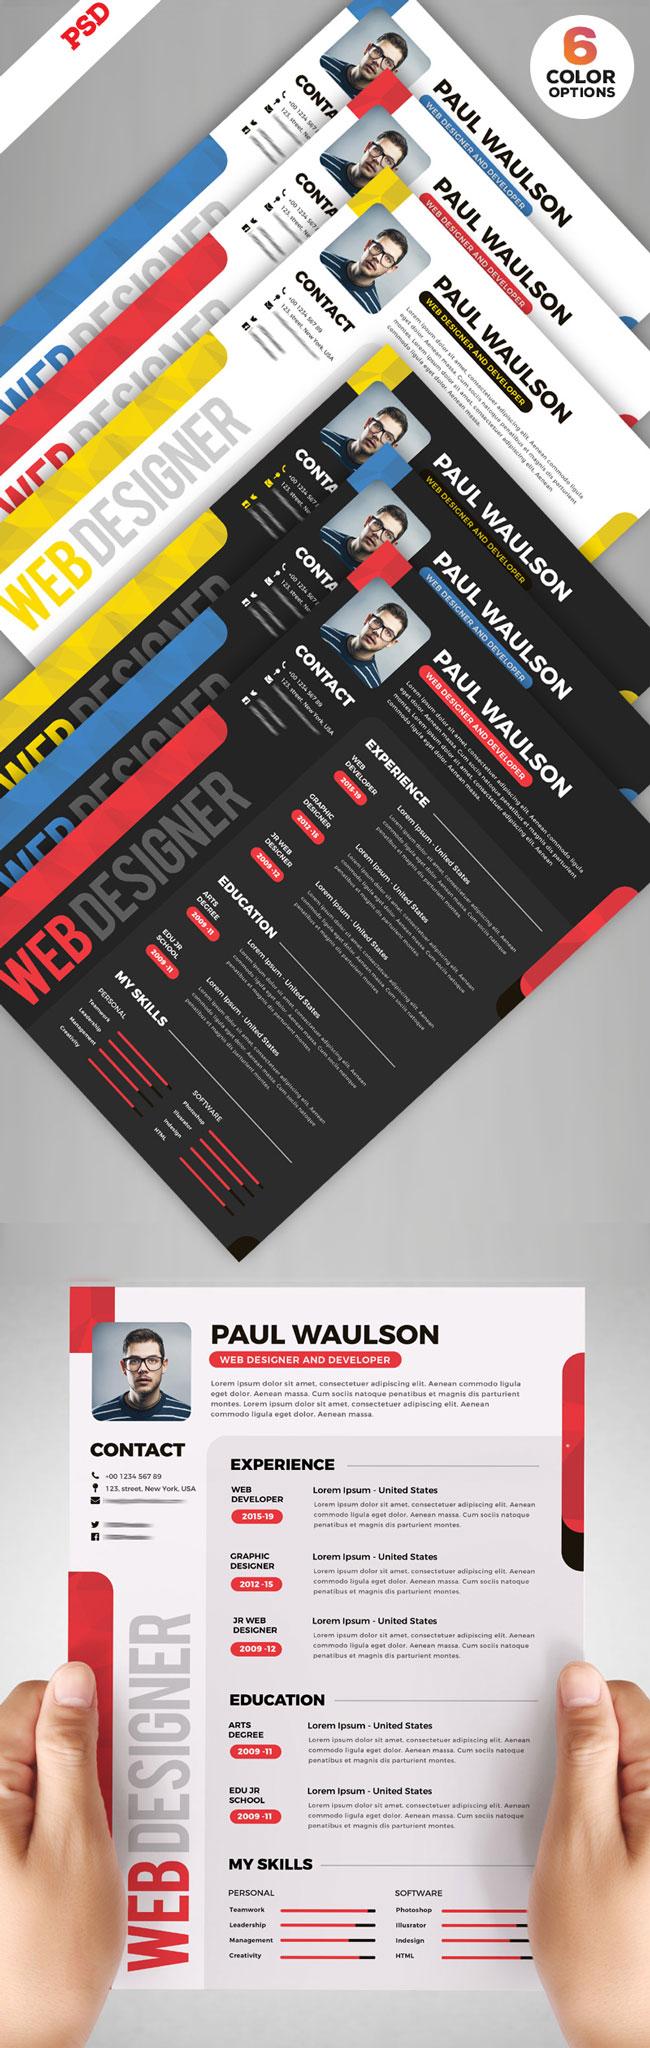 p379 - قالب لایه باز روزمه شخصی و شرکتی در شش رنگ زیبا